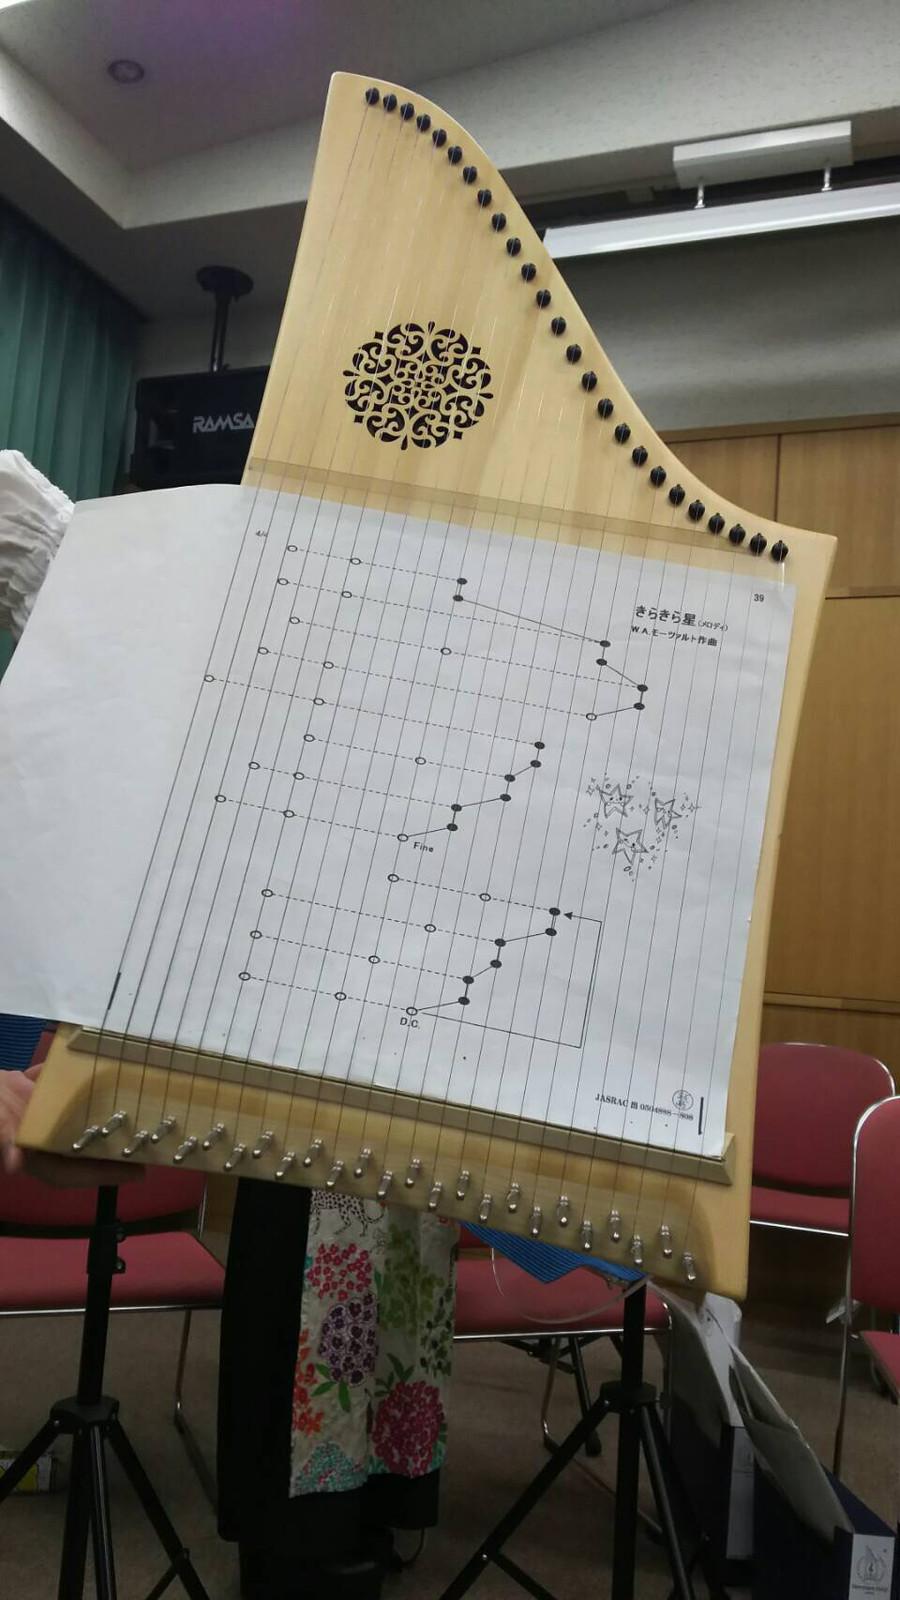 ハープ ヘルマン ネルーシェとは?雪花ラミィの弾く弦楽器は現実の何?ヘルマンハープ?ピアノフォン?ツィター?【ホロライブ5期生】